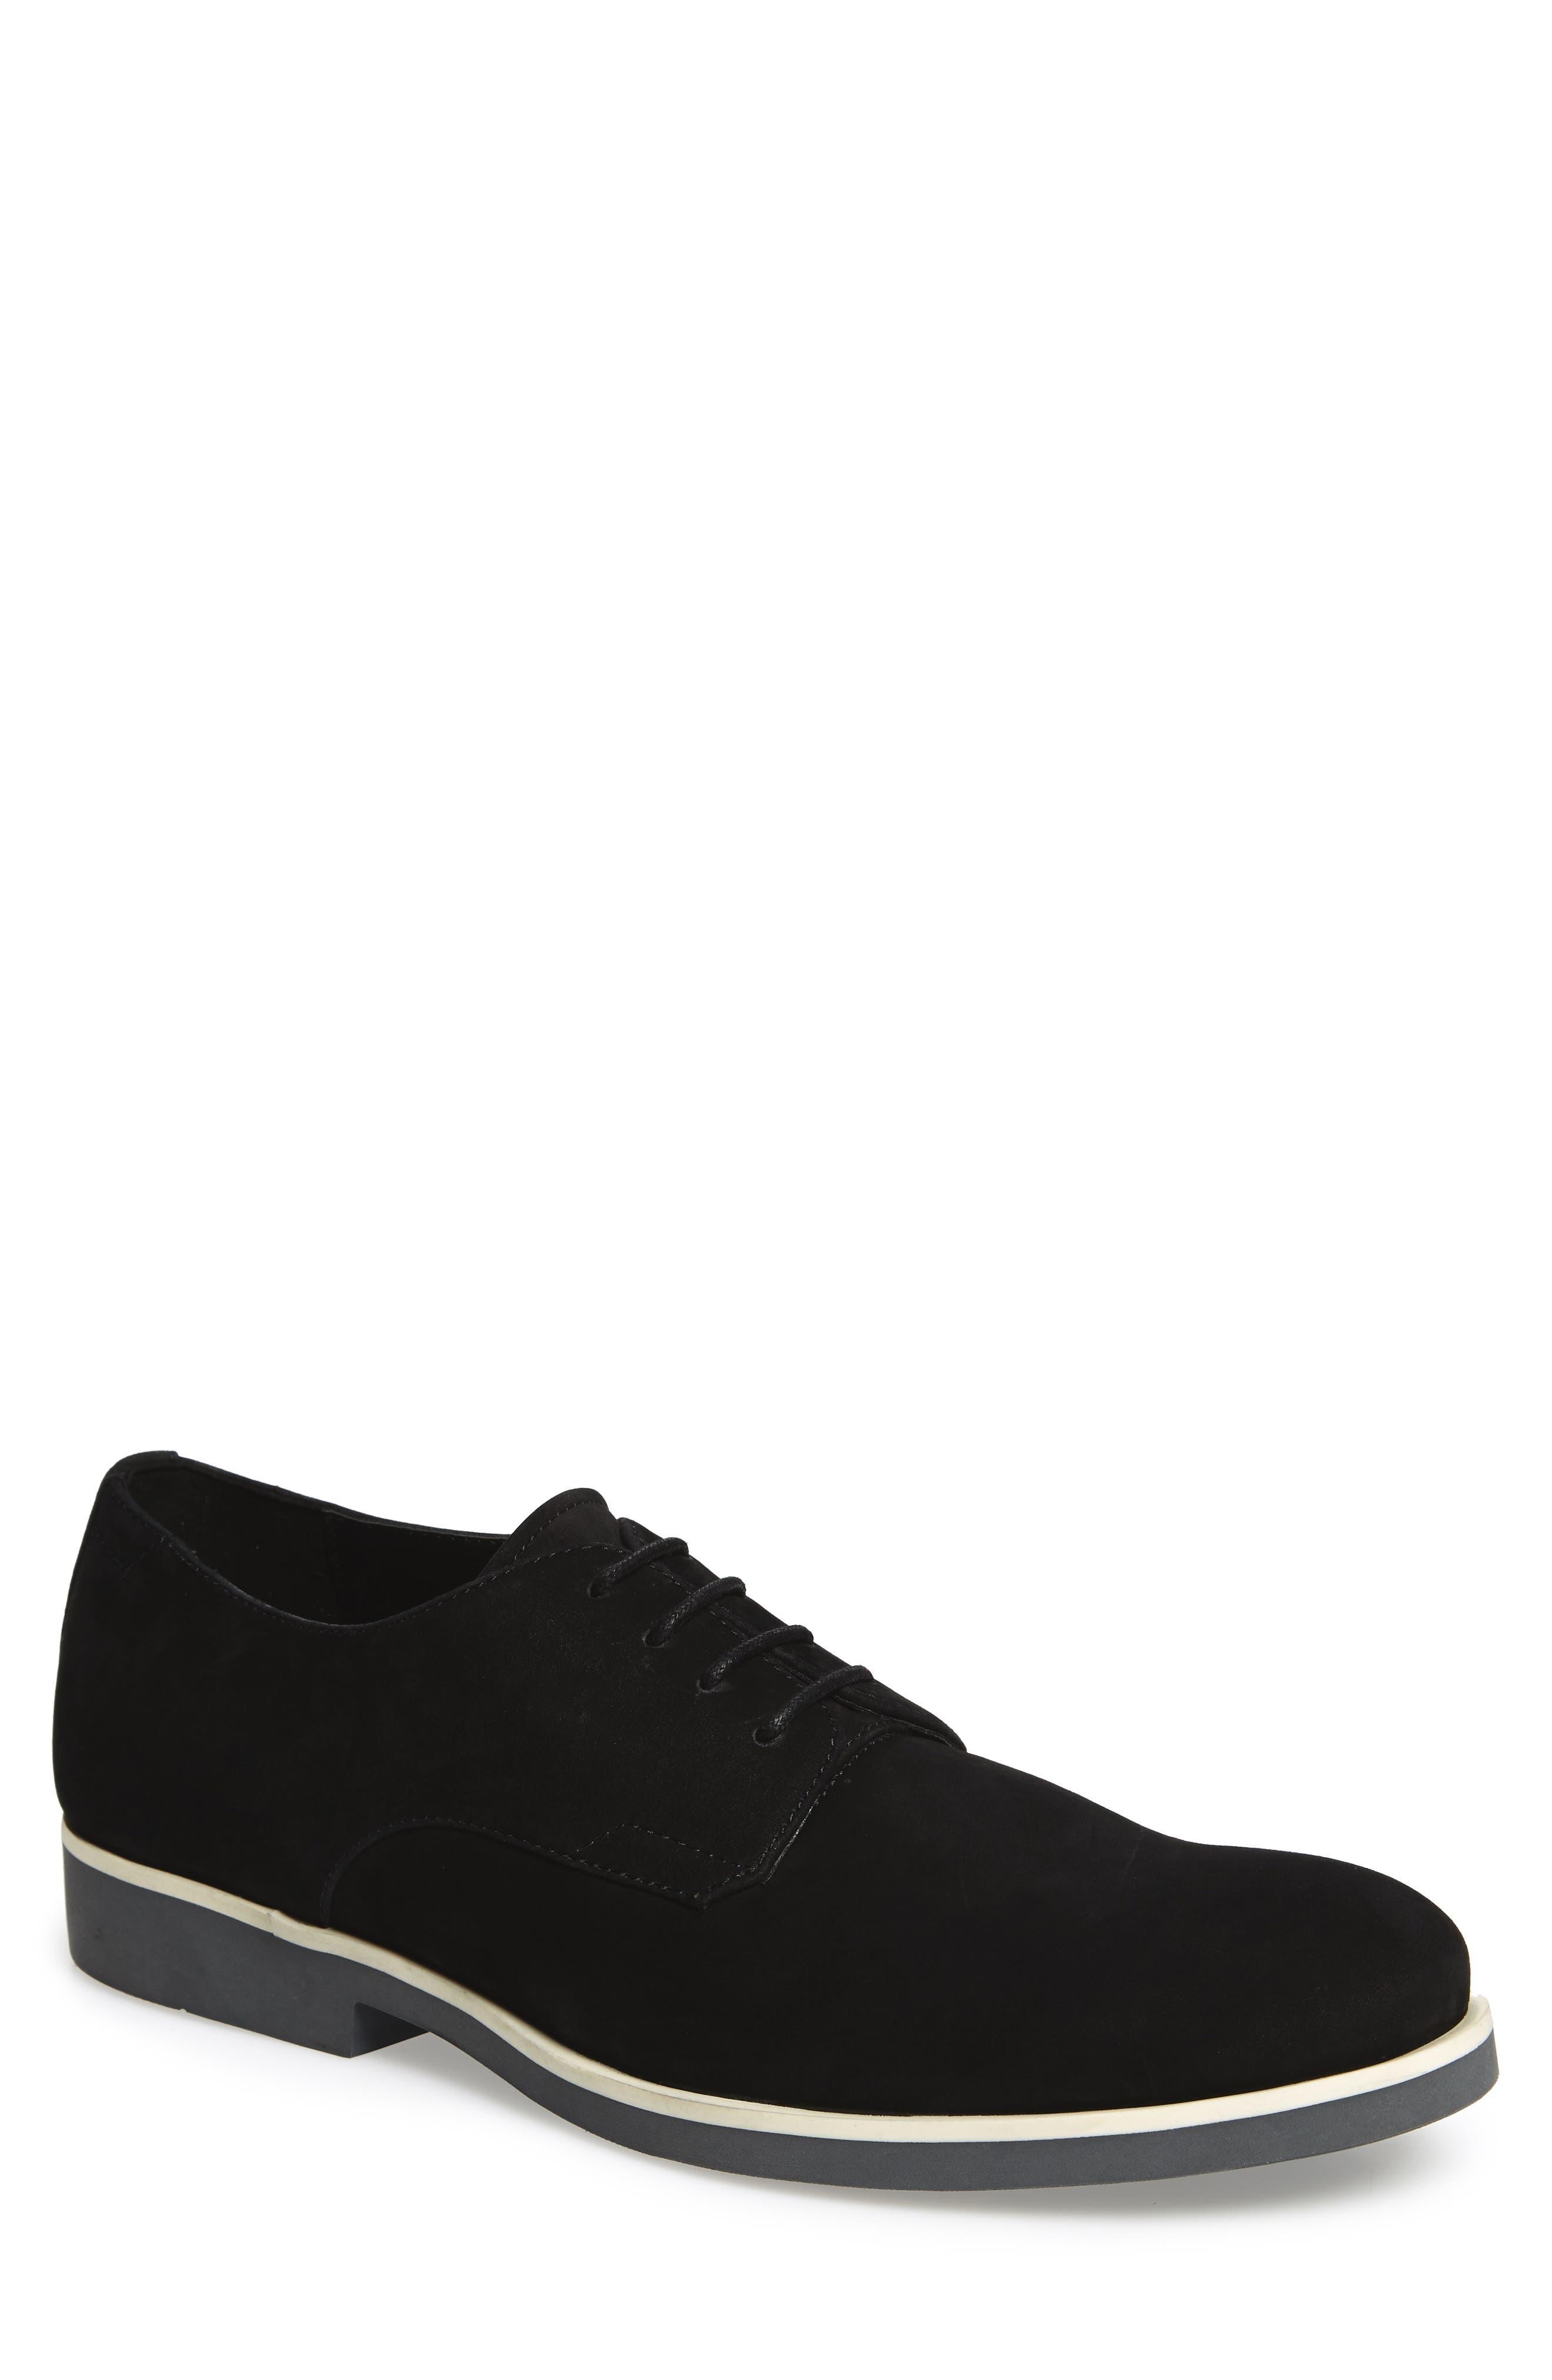 Faustino Plain-Toe Oxford,                         Main,                         color, Black Leather